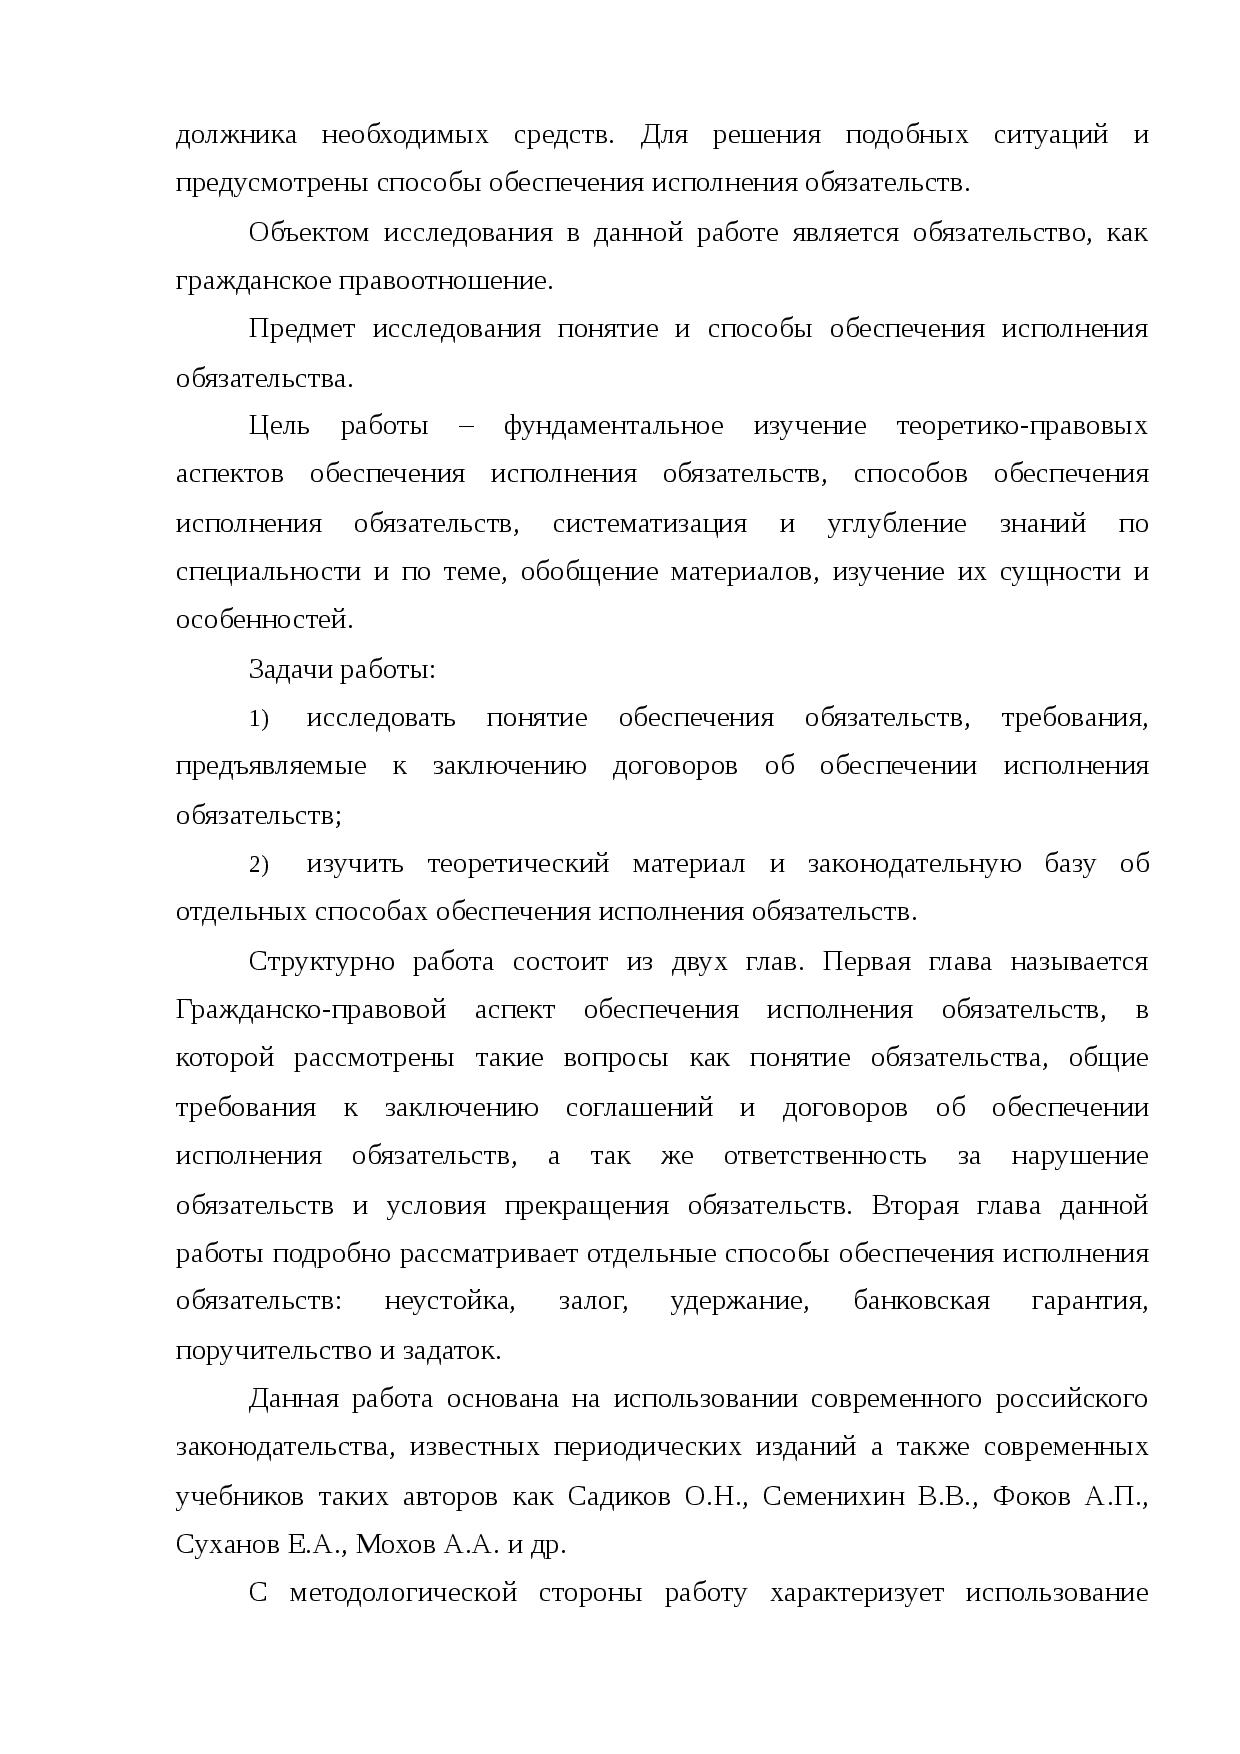 Размер неустойки за неисполнение обязательств по договору